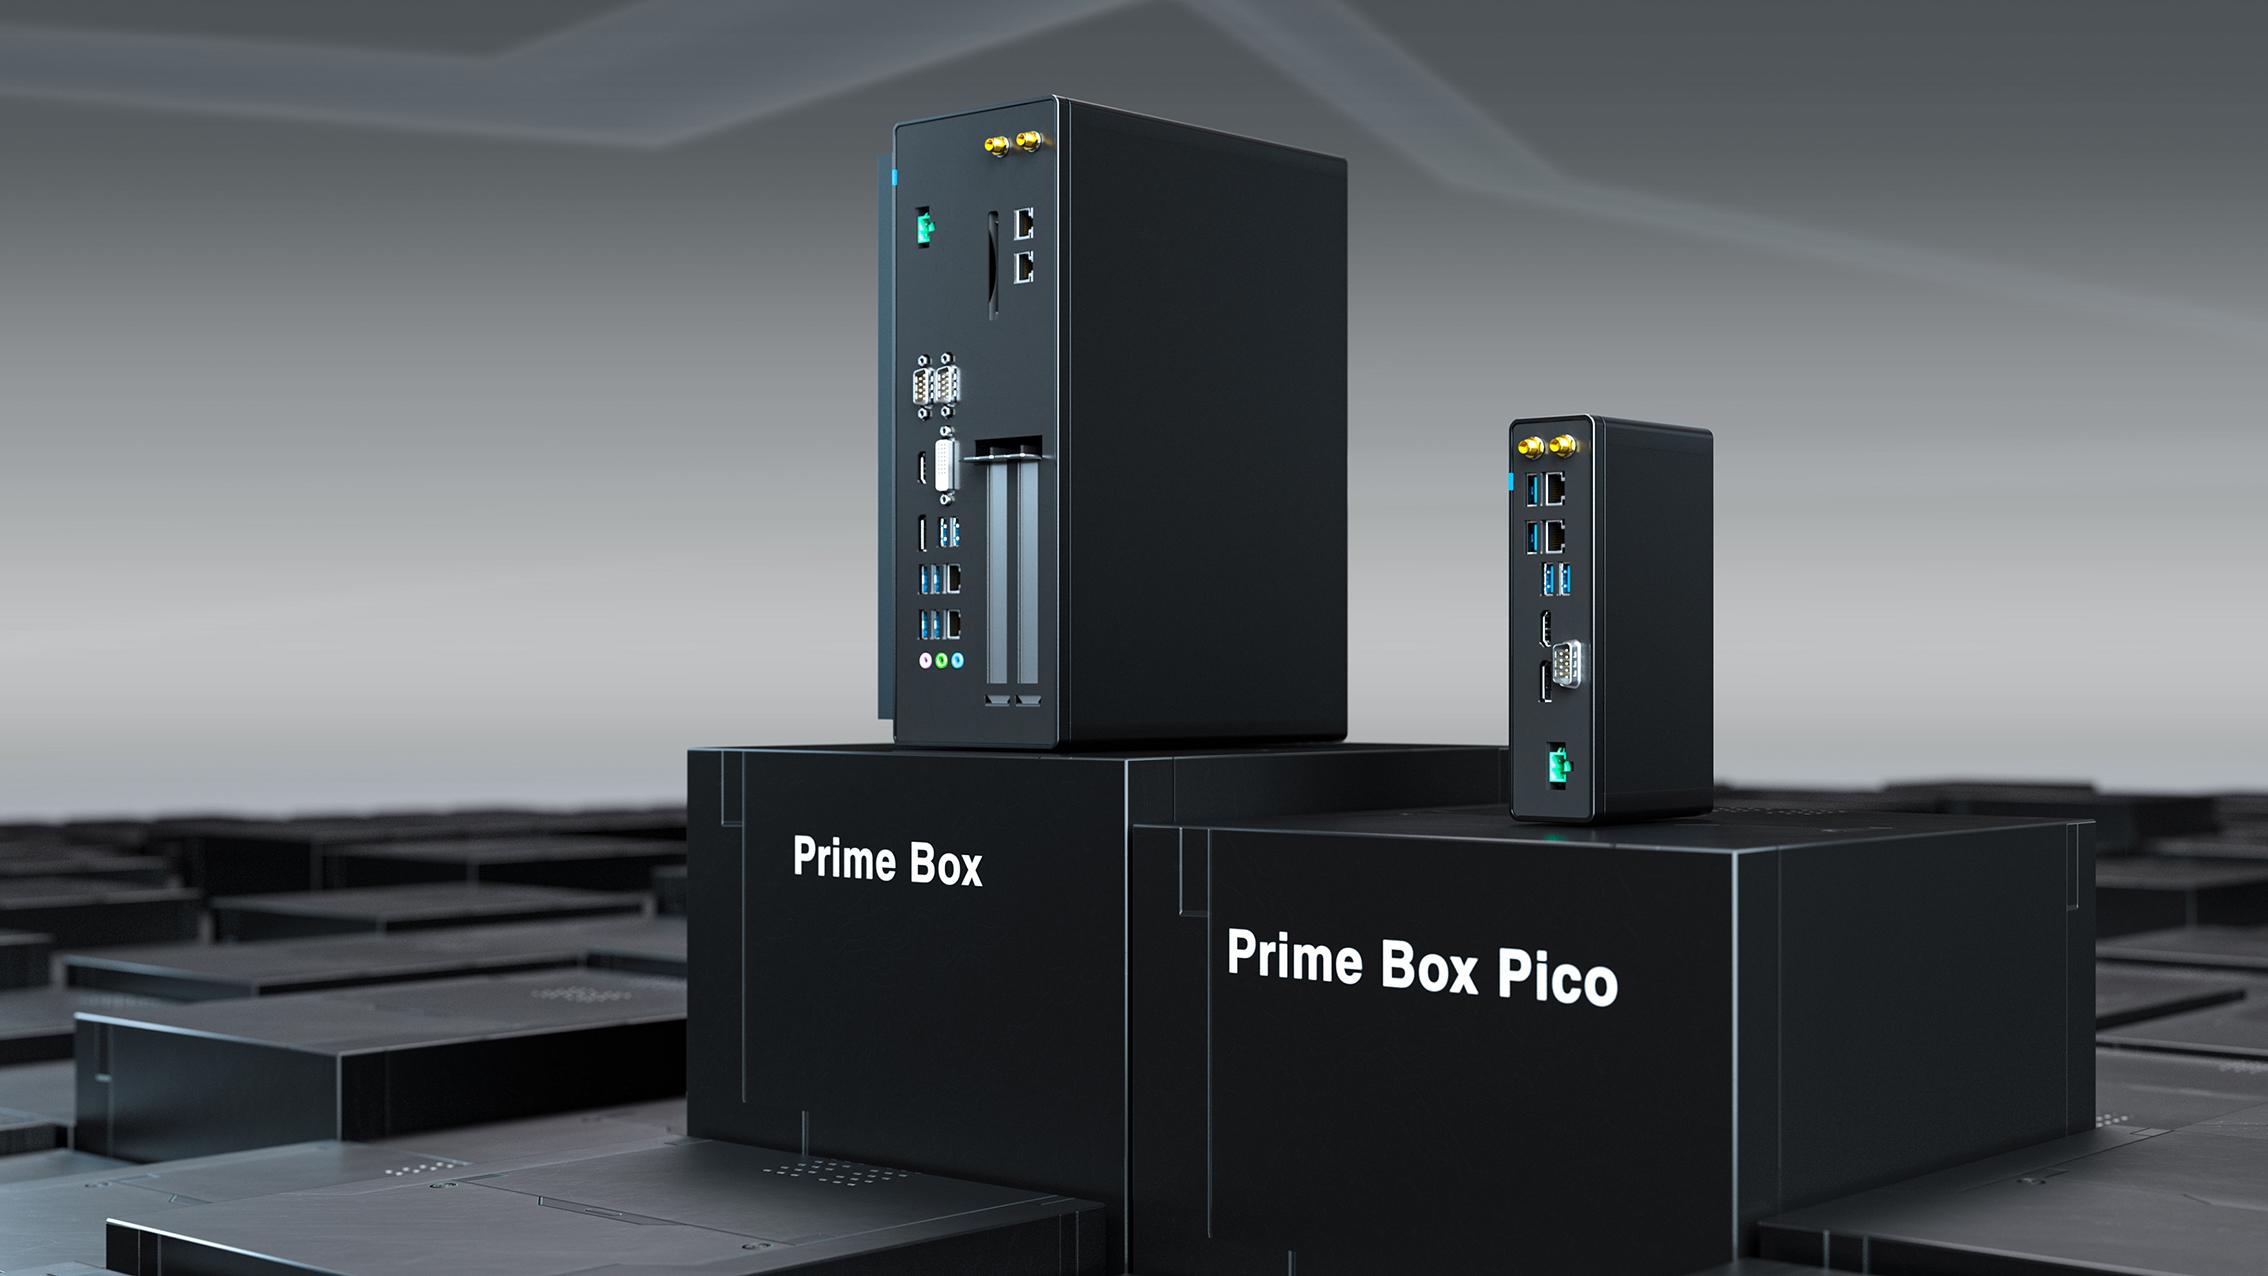 Die industriellen Prime Box-PCs von Schubert System Elektronik sind für verschiedene Applikationen konfigurierbar und zudem Edge Computing fähig. (Bild: Schubert System Elektronik GmbH)